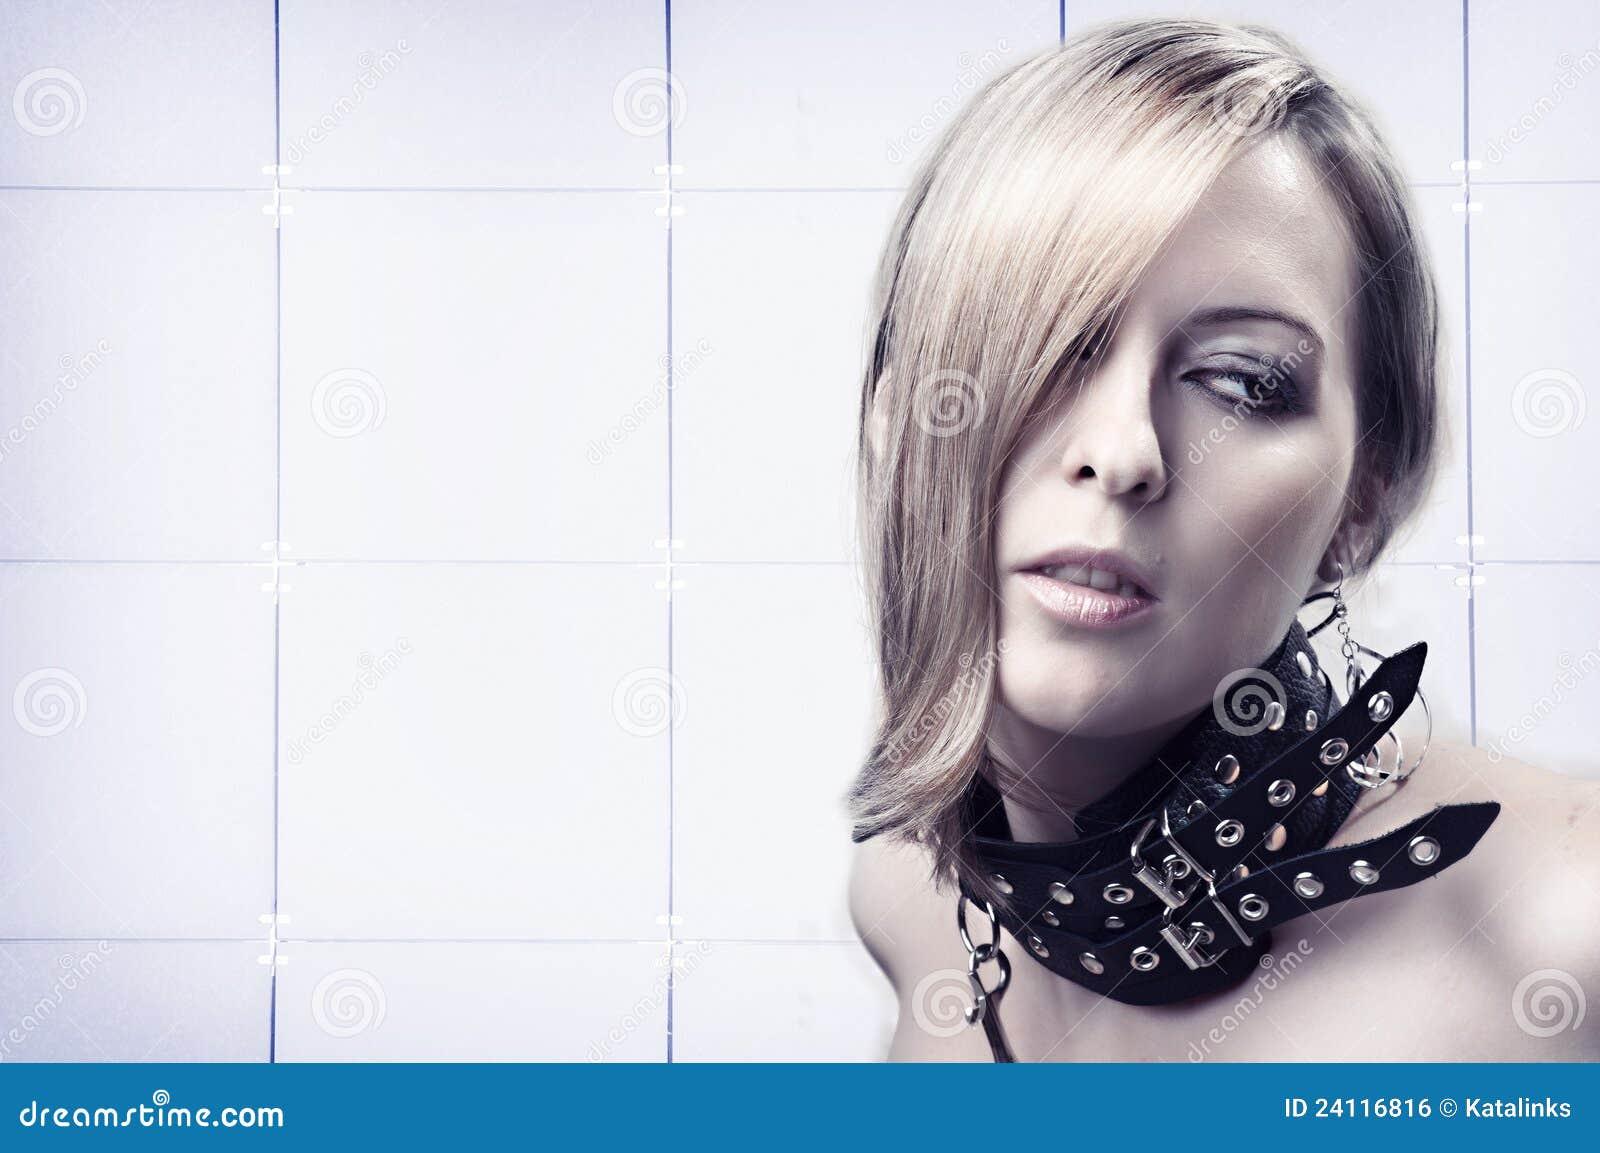 blondinka-na-osheynike